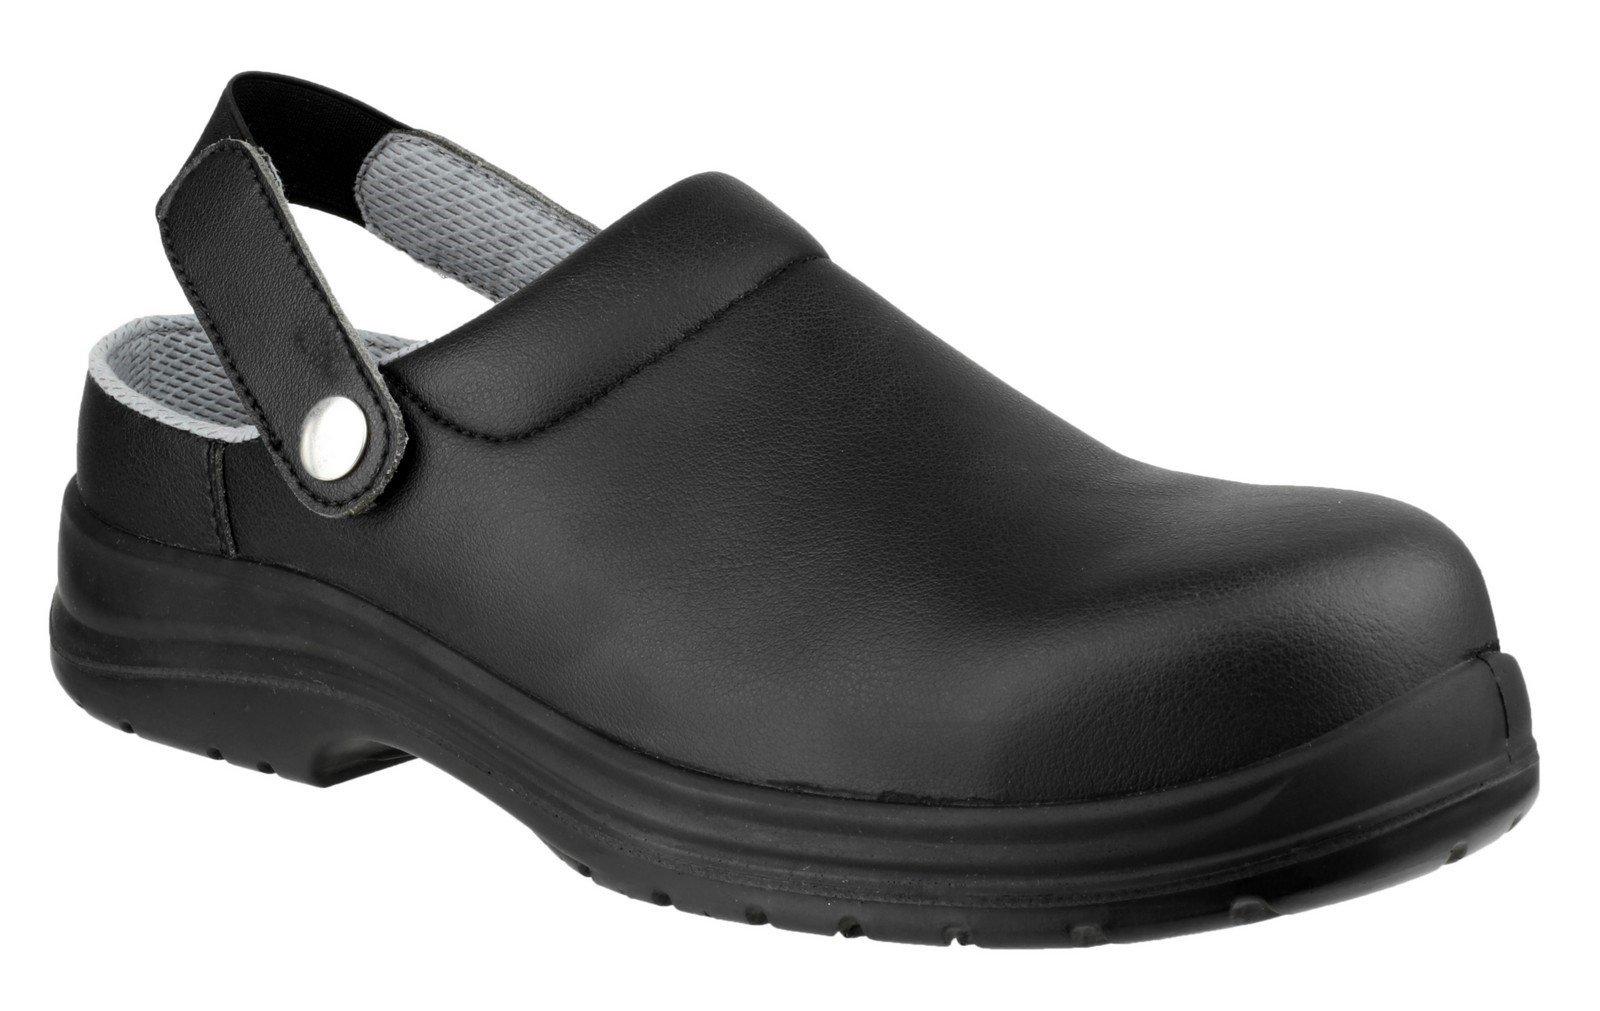 Amblers Unisex Safety Antistatic Slip on Clog Shoe Black 21896 - Black 3